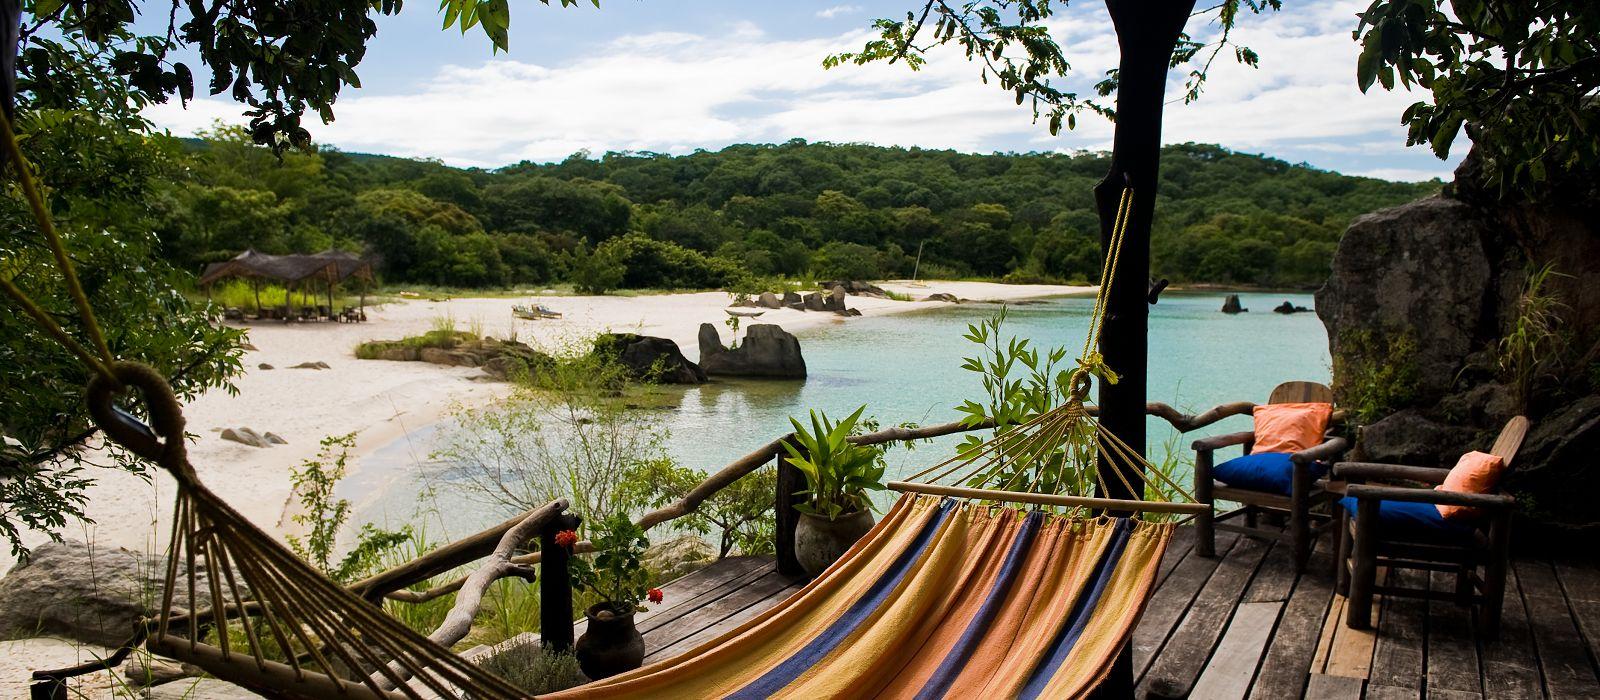 Lounge deck by Lake Malawi